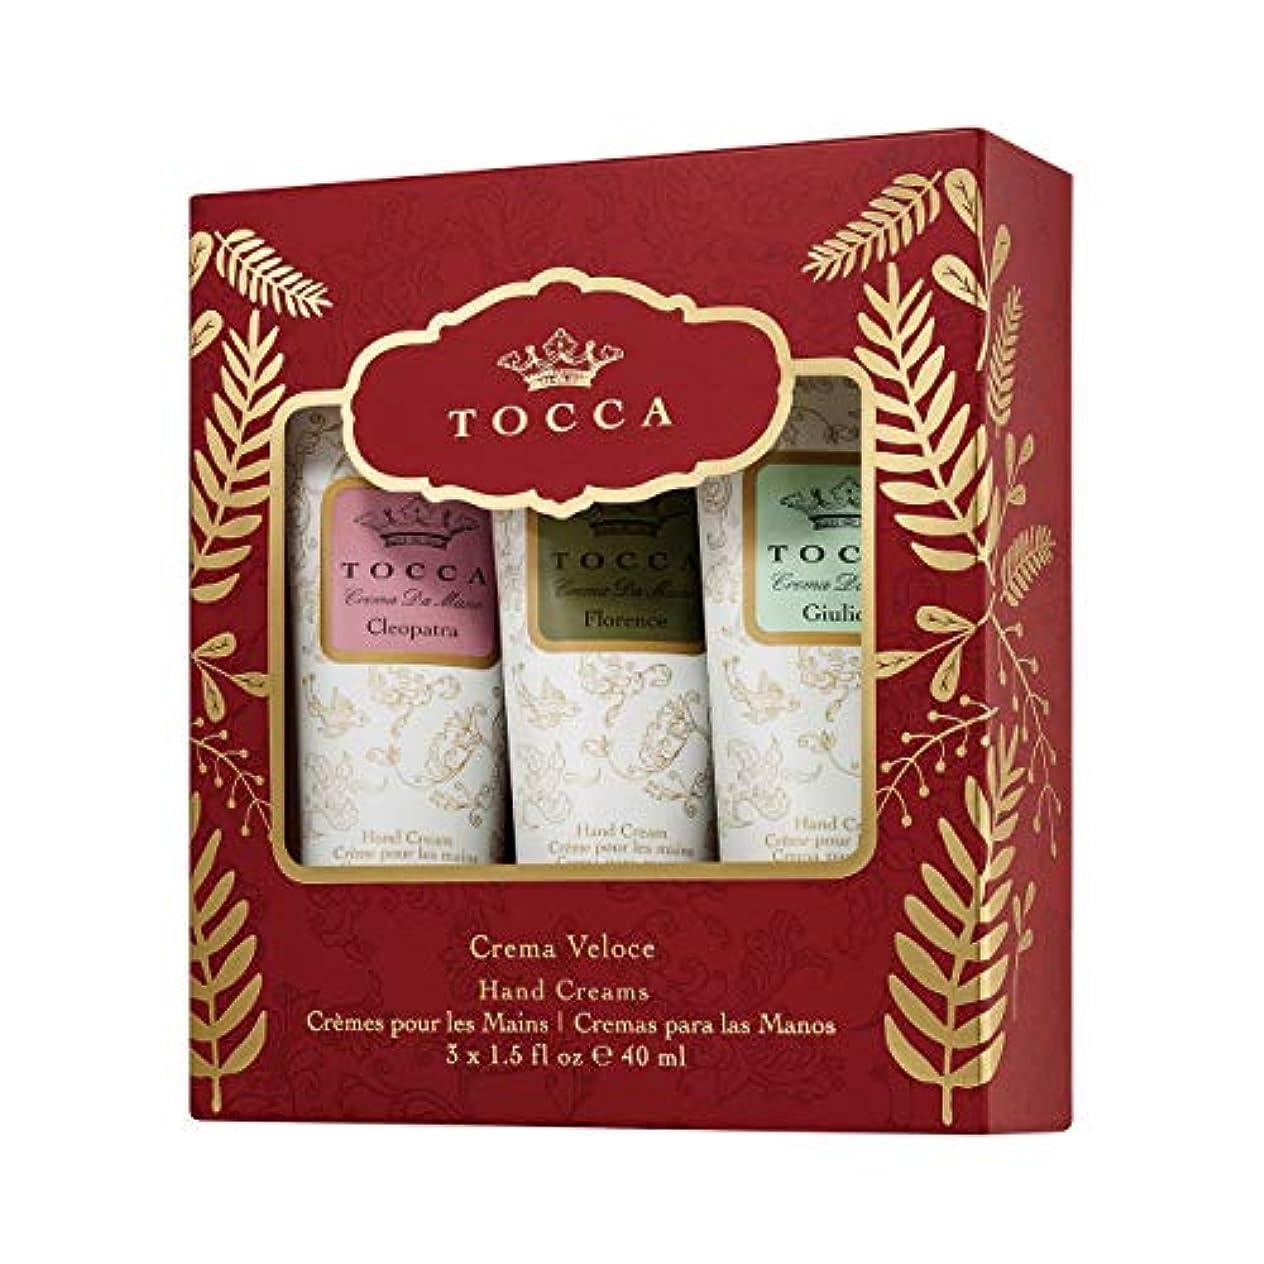 荒らす統治するリーダーシップTOCCA クレマヴェローチェパルマ ハンドクリーム3本入った贅沢な贈り物(手指保湿?小分けギフト)